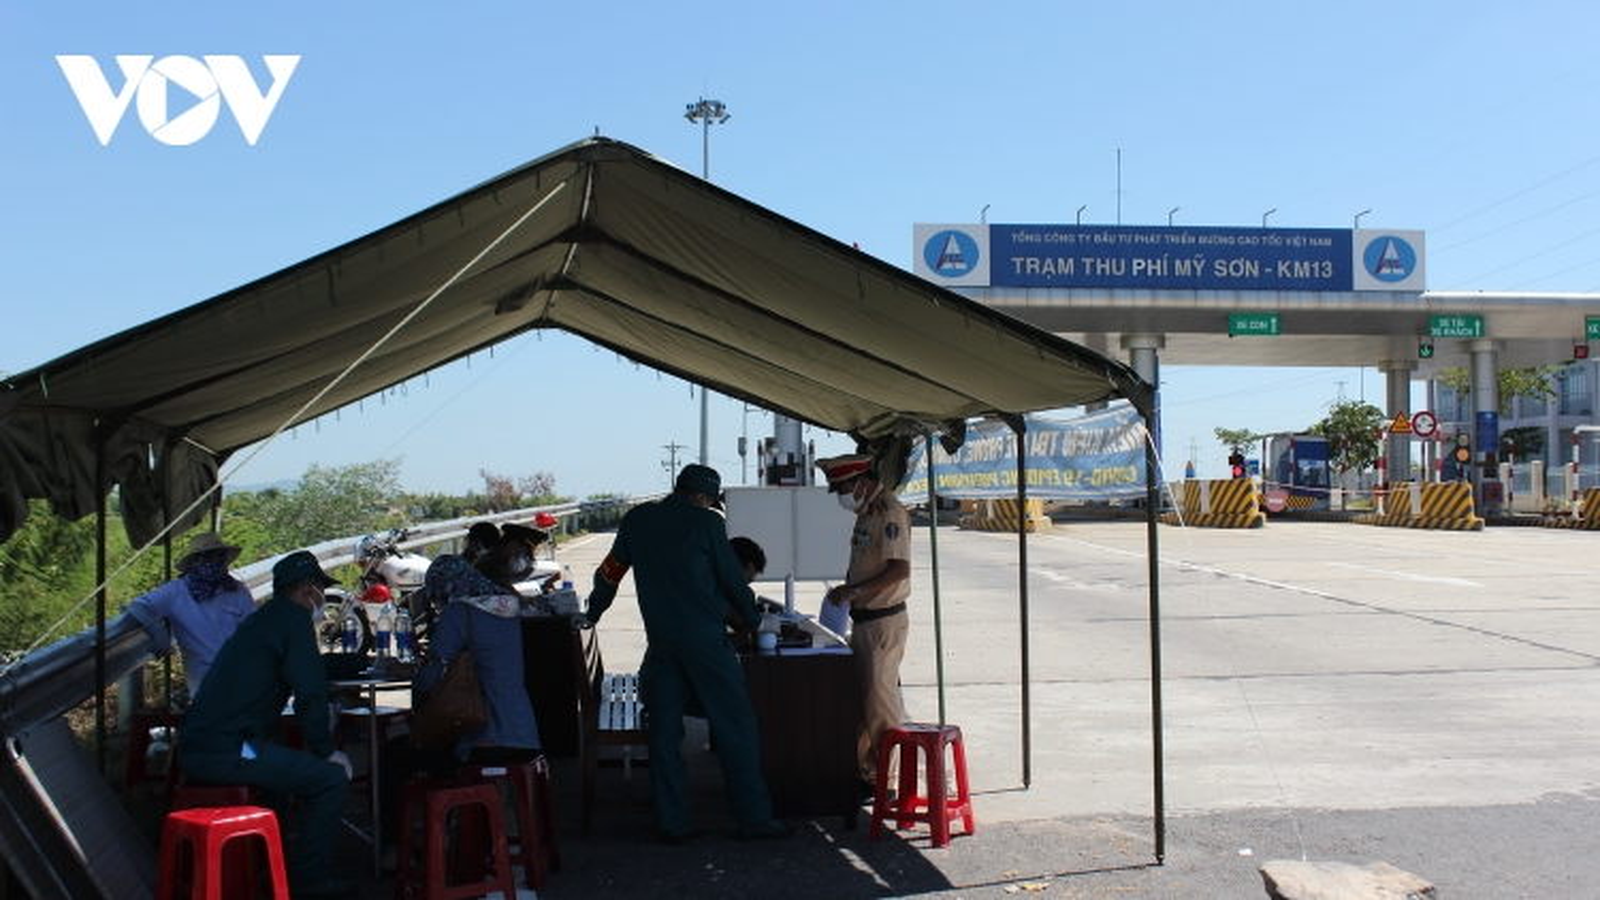 Quảng Nam tạm dừng một số hoạt động để phòng, chống dịch Covid-19